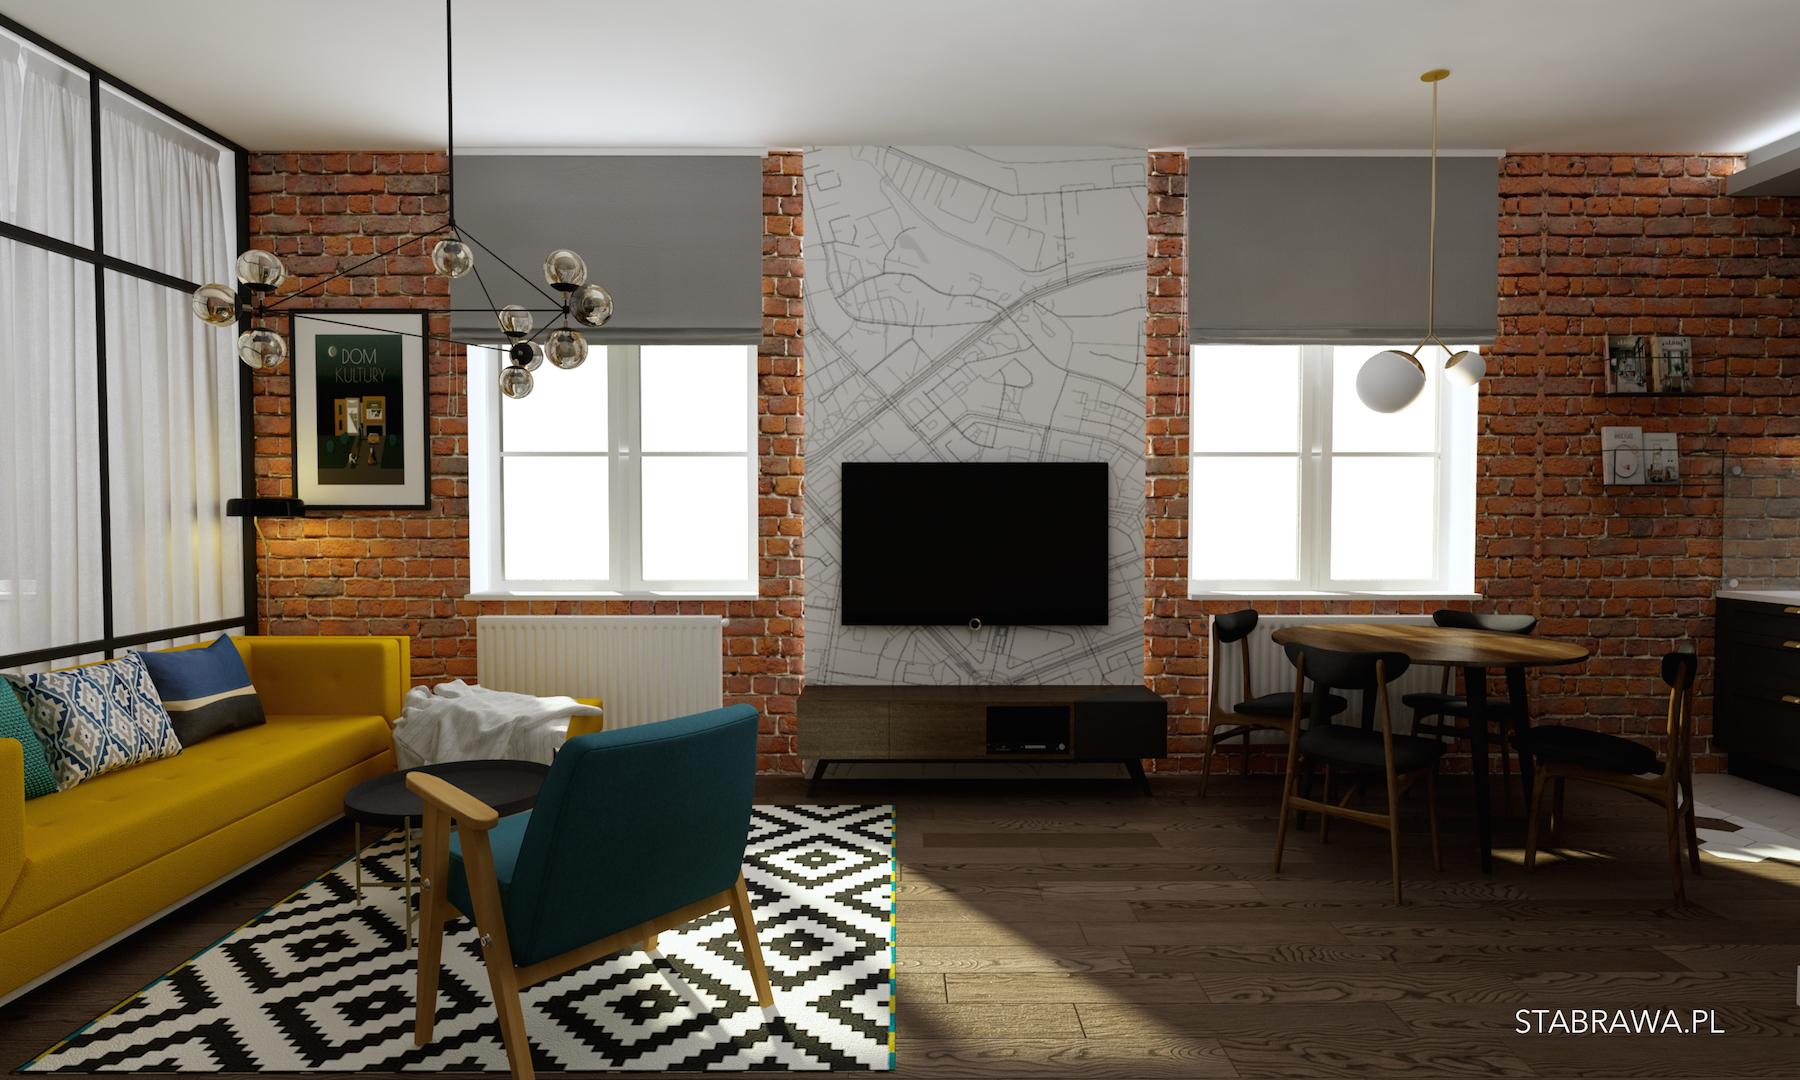 cegła loft prl projekt mieszkania, stabrawa, stabrawa.pl, projekt, wnętrze w stylu prl, mieszkanie w stylu prl